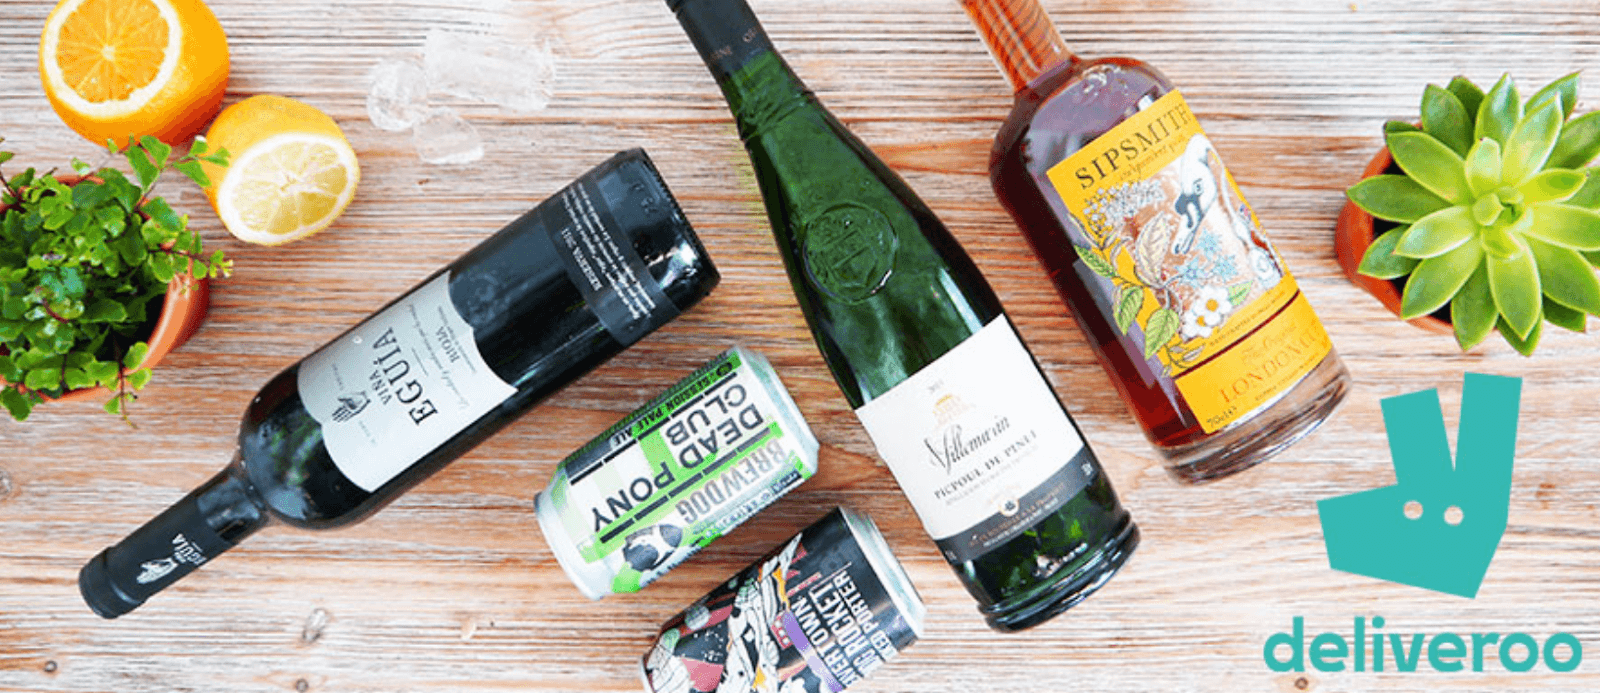 Dónde encontrar un código promocional de Deliveroo y cómo usarlo - Entrega de alcohol